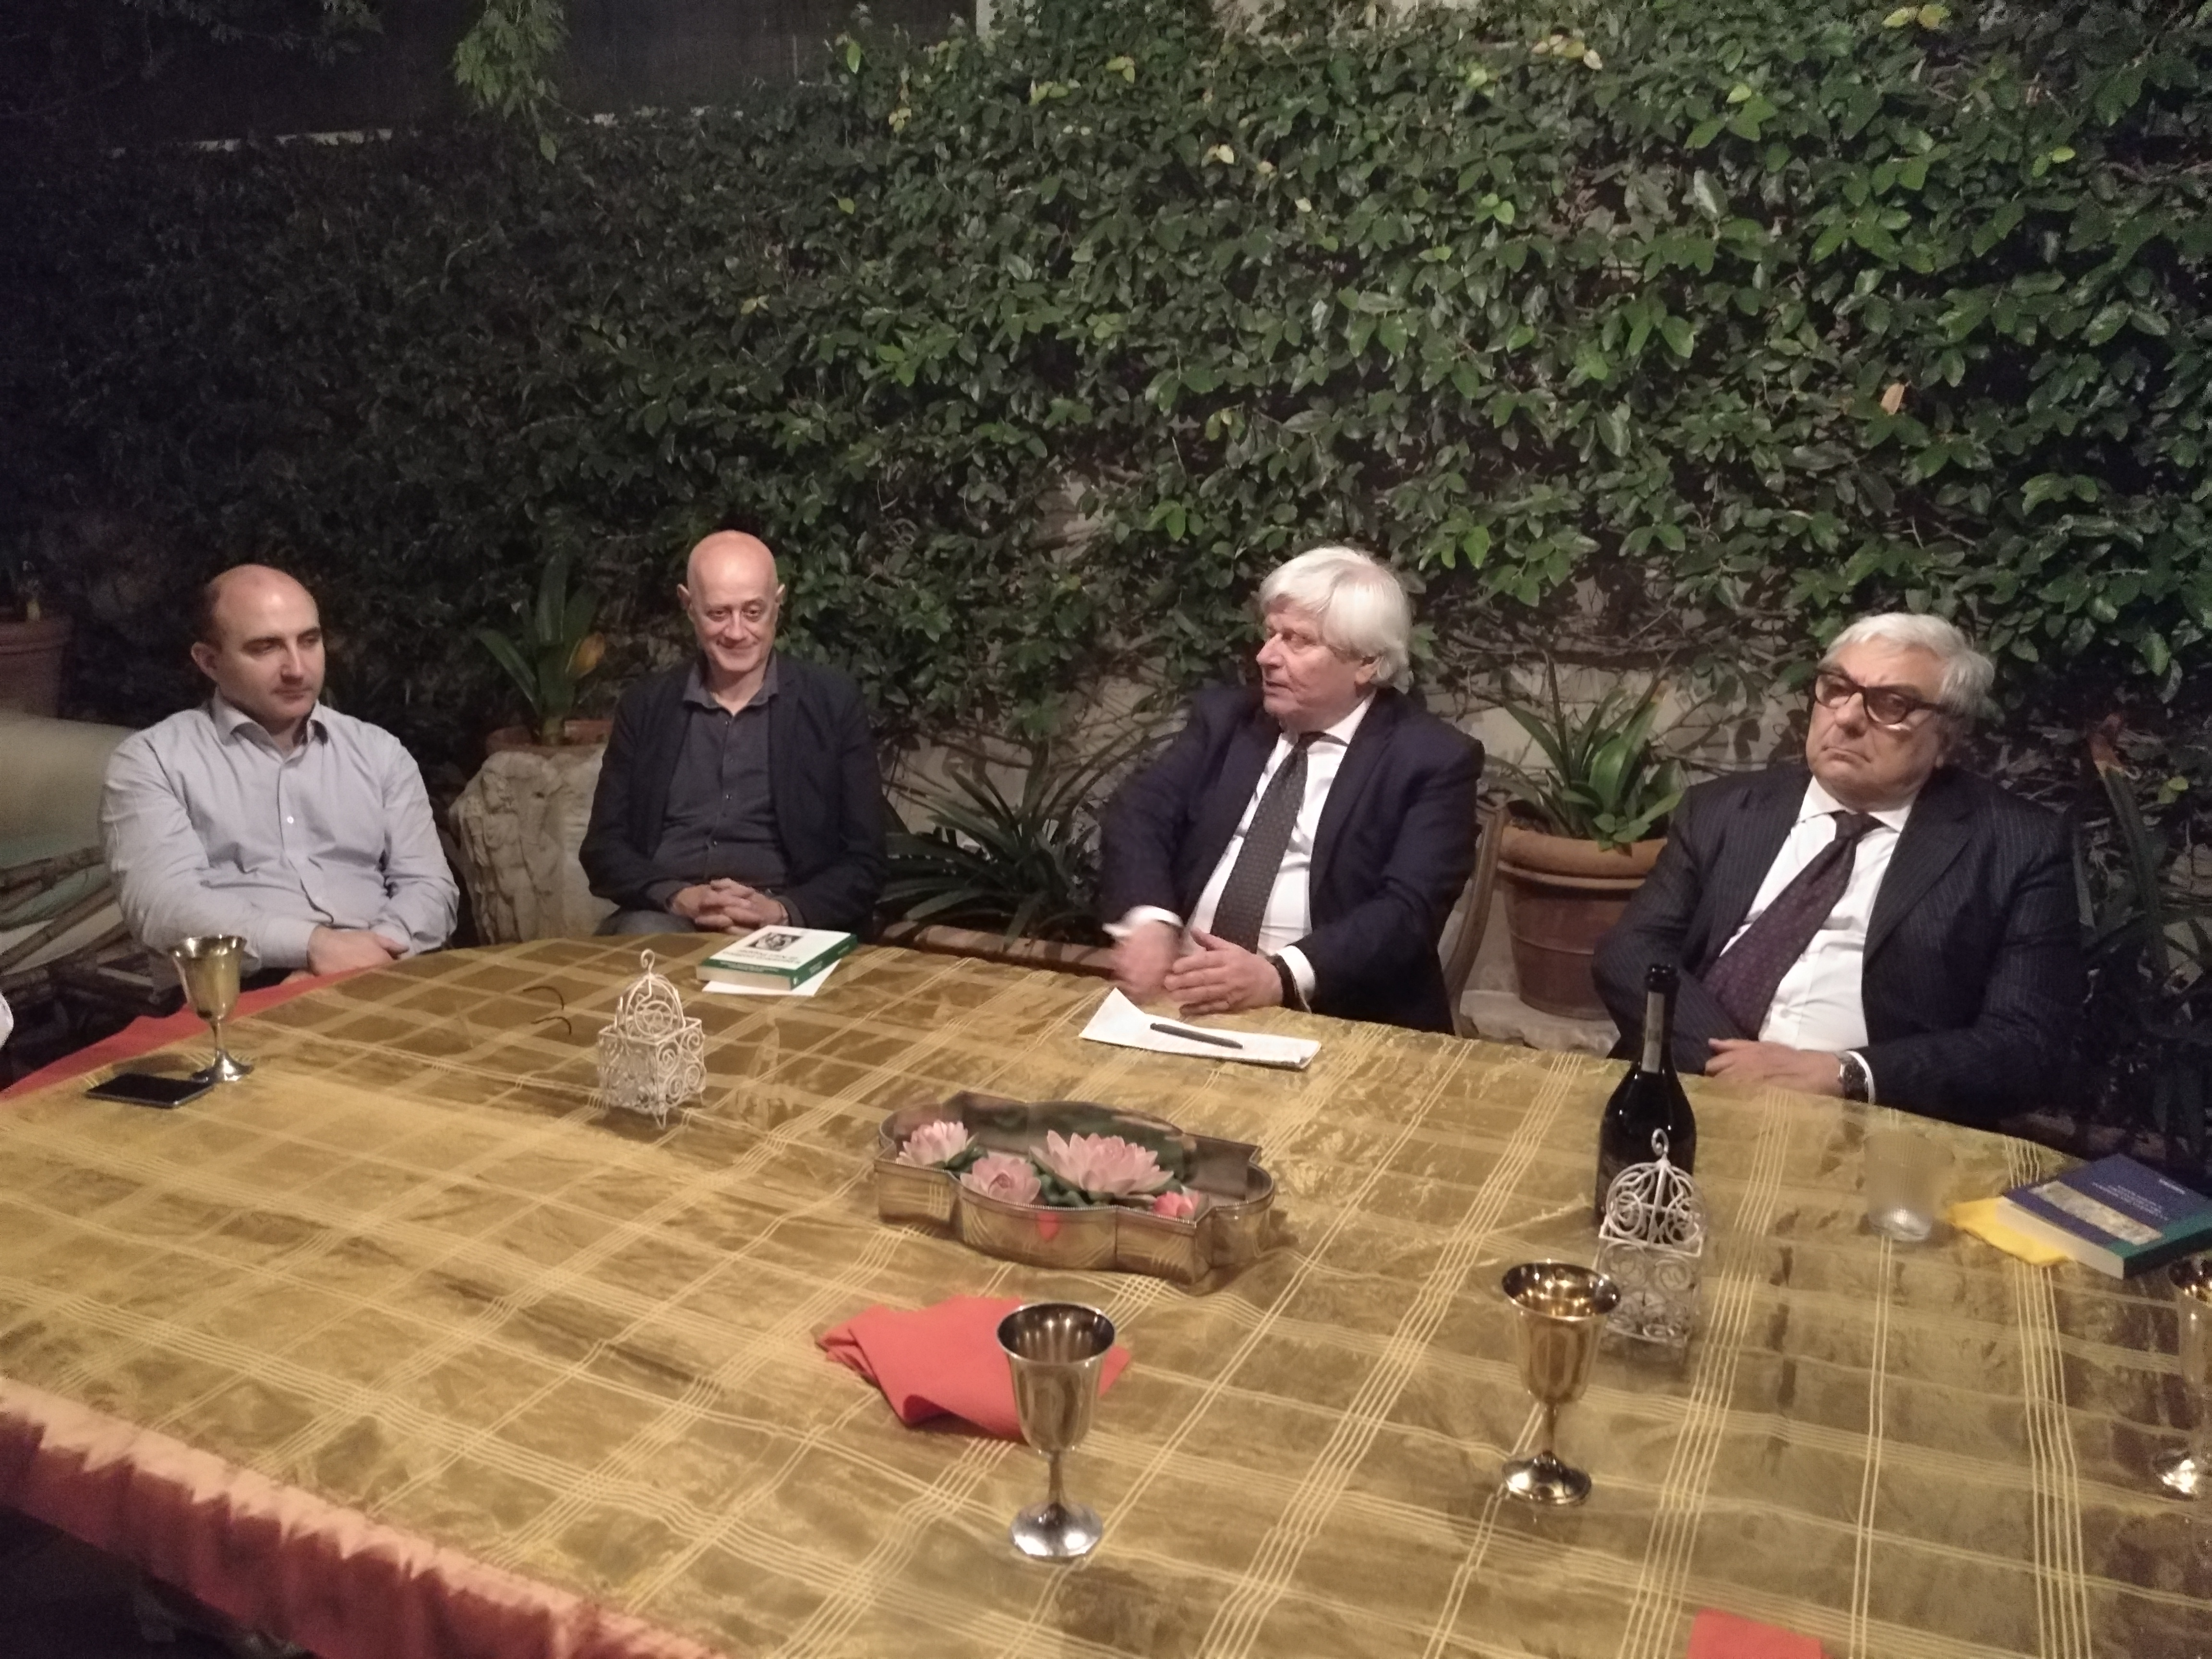 Roma, una cena tra amici, 12 dicembre 2018